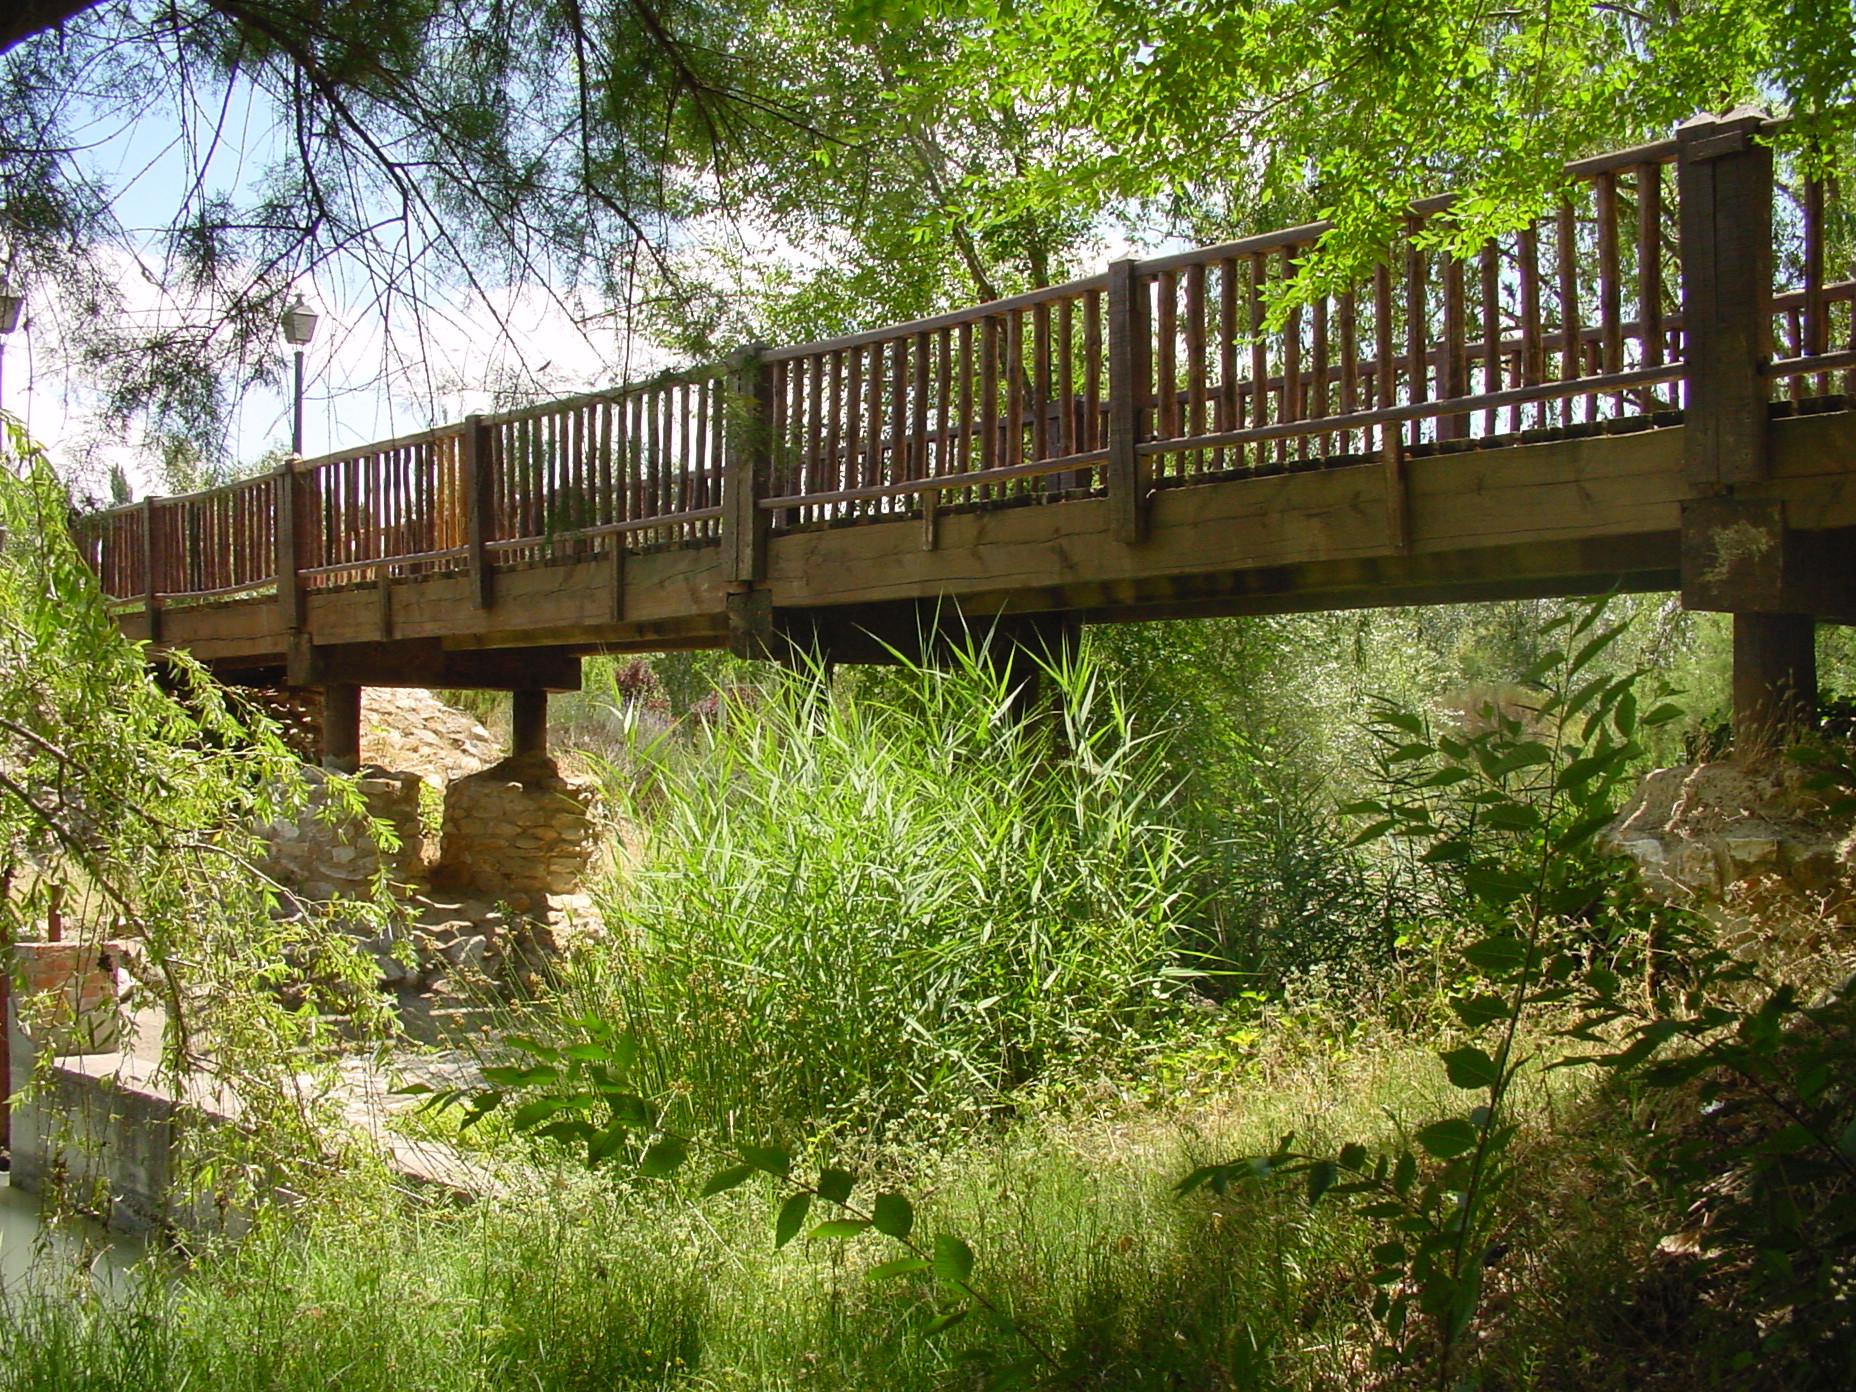 Puente en Villamanrique de Tajo